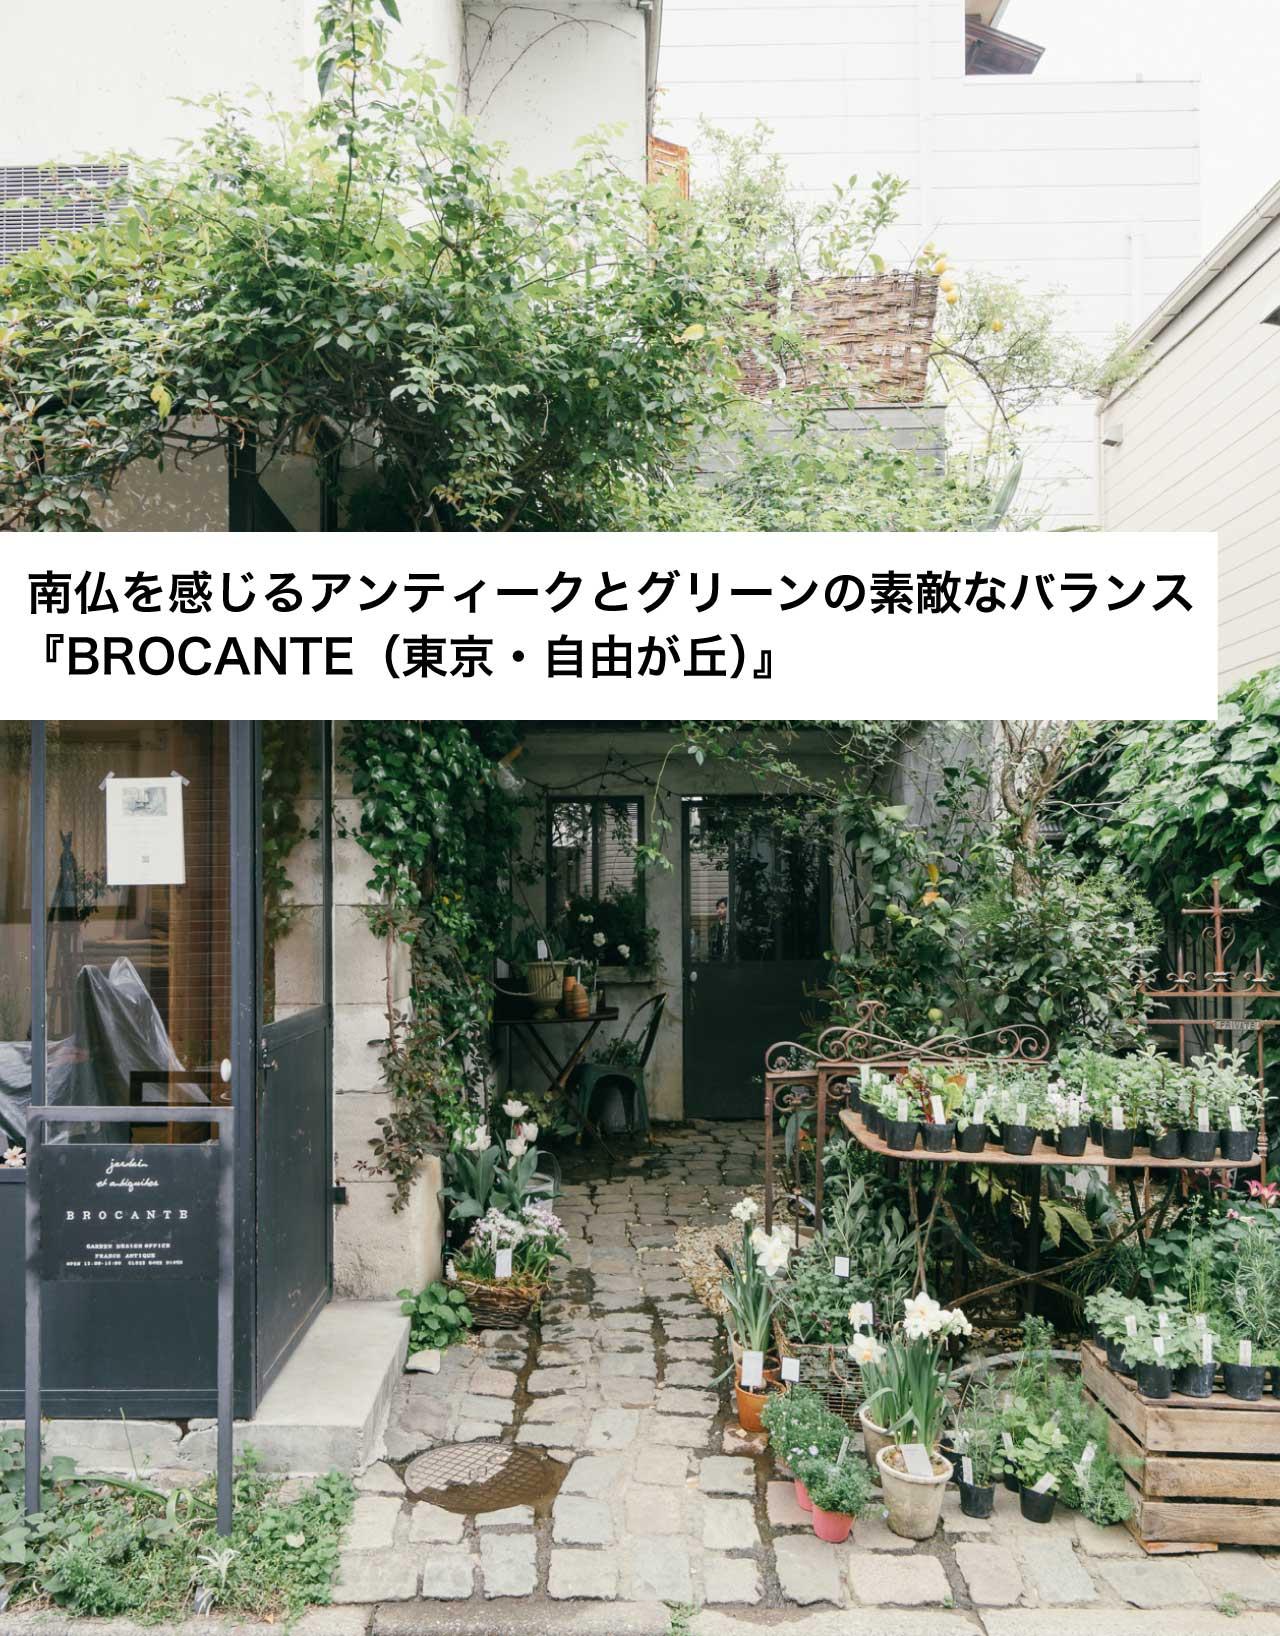 南仏を感じるアンティークとグリーンの素敵なバランス 『BROCANTE(東京・自由が丘)』